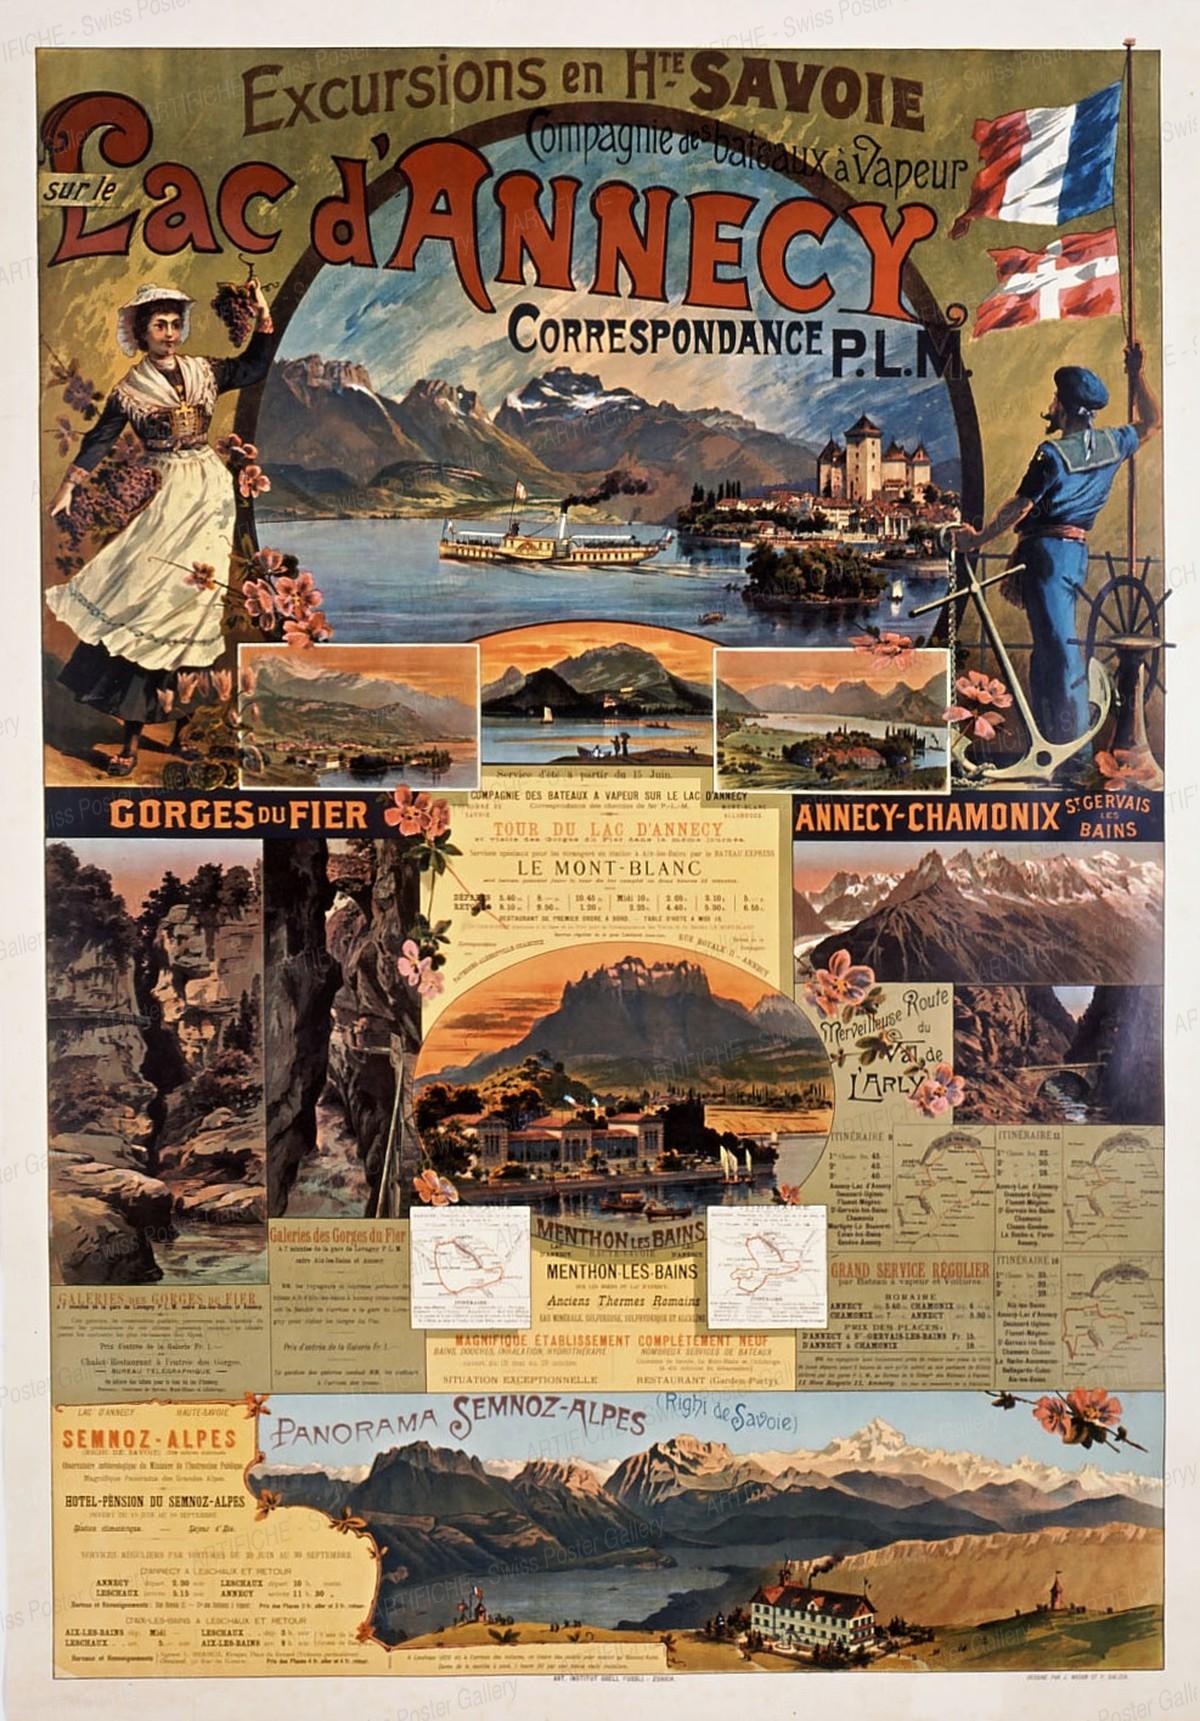 Excurstion en Haute-Savoie – Tour du Lac d'Annecy, Mont-Blanc – Annecy-Chamonix – Panorama Semnoz-Alpes, Weber, J. / Balzer, P.